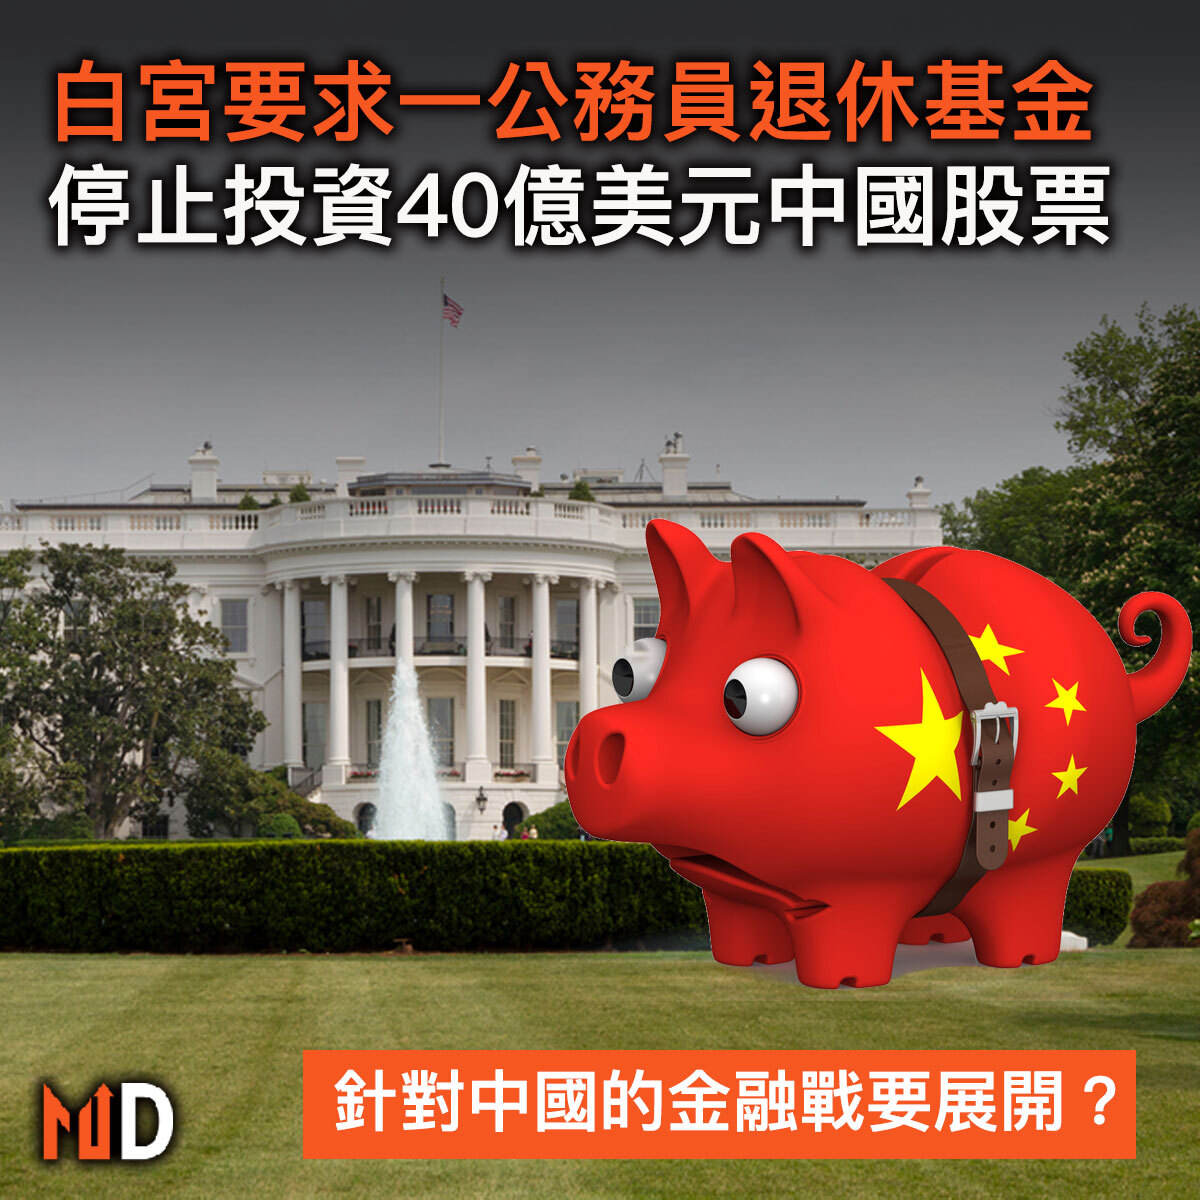 【#市場熱話】白宮要求一隻公務員退休基金停止投資40億美元中國股票